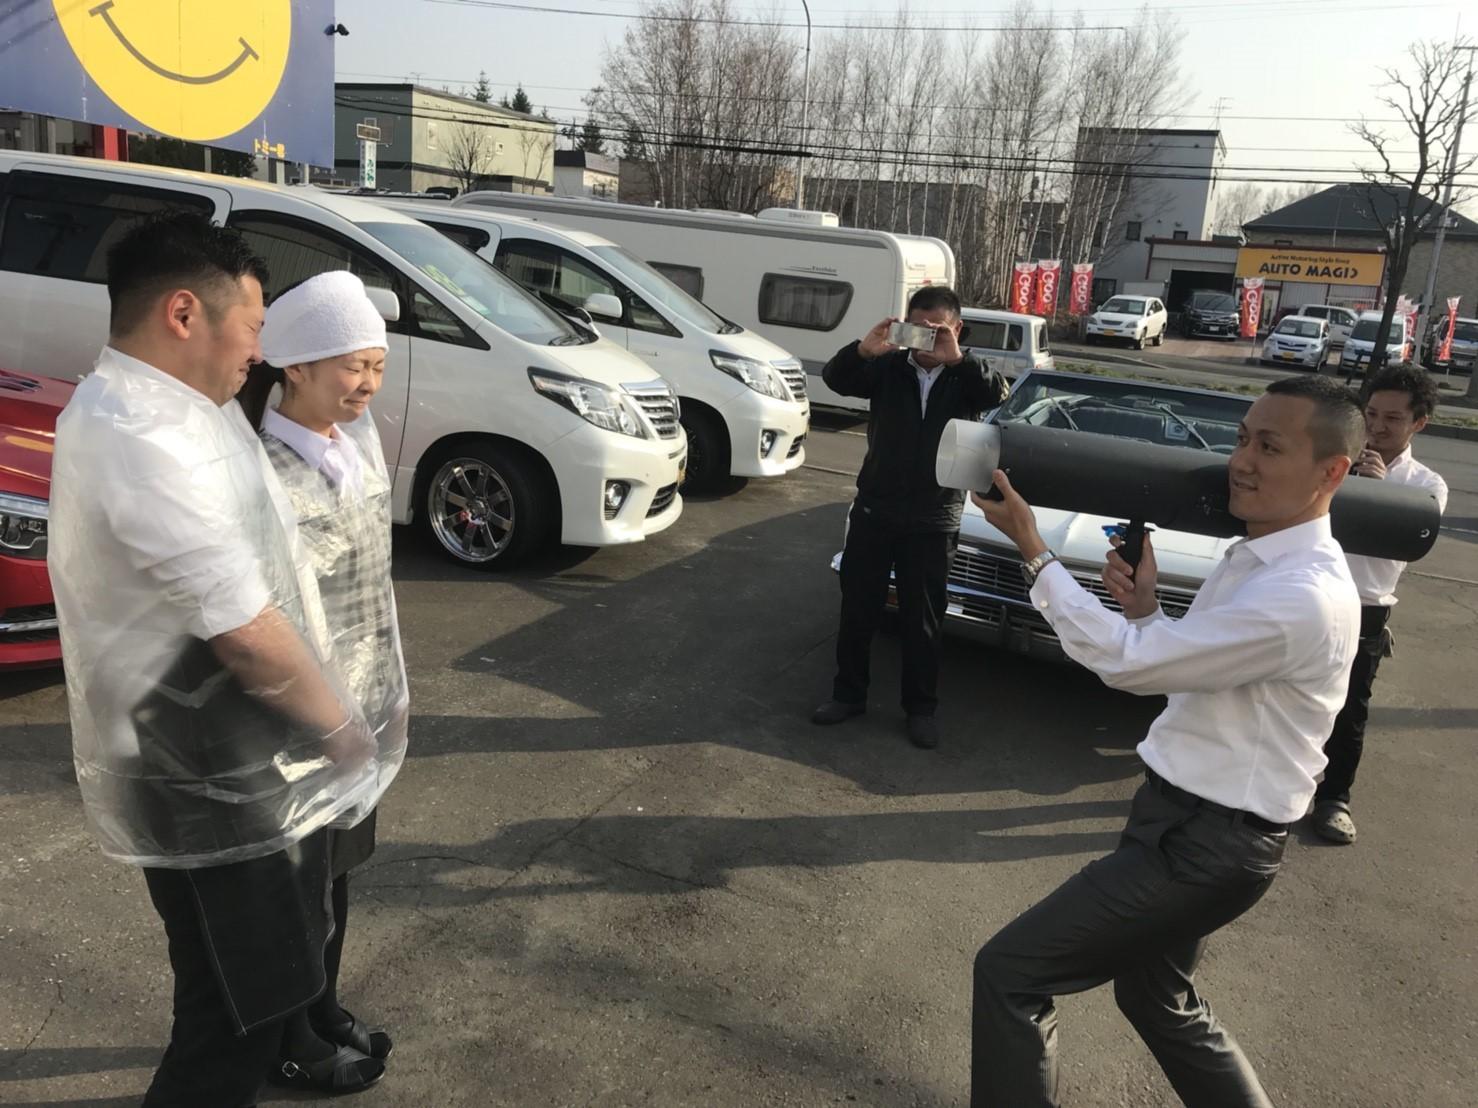 4月23日(月)トミーベース カスタムブログ☆S様キャンバス O様フォレスタ納車☆_b0127002_13035386.jpg